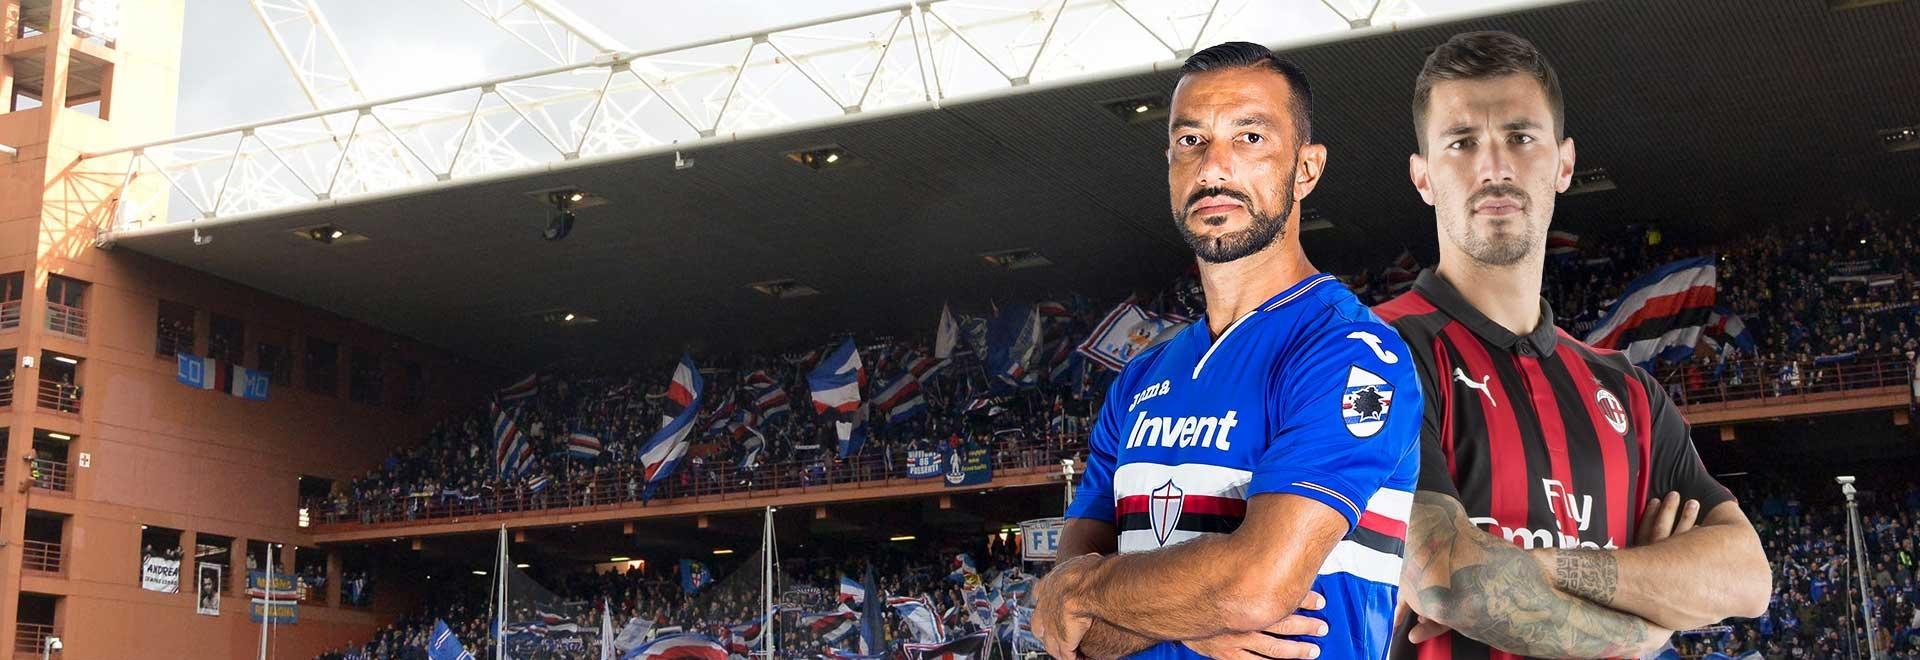 Sampdoria - Milan. 29a g.